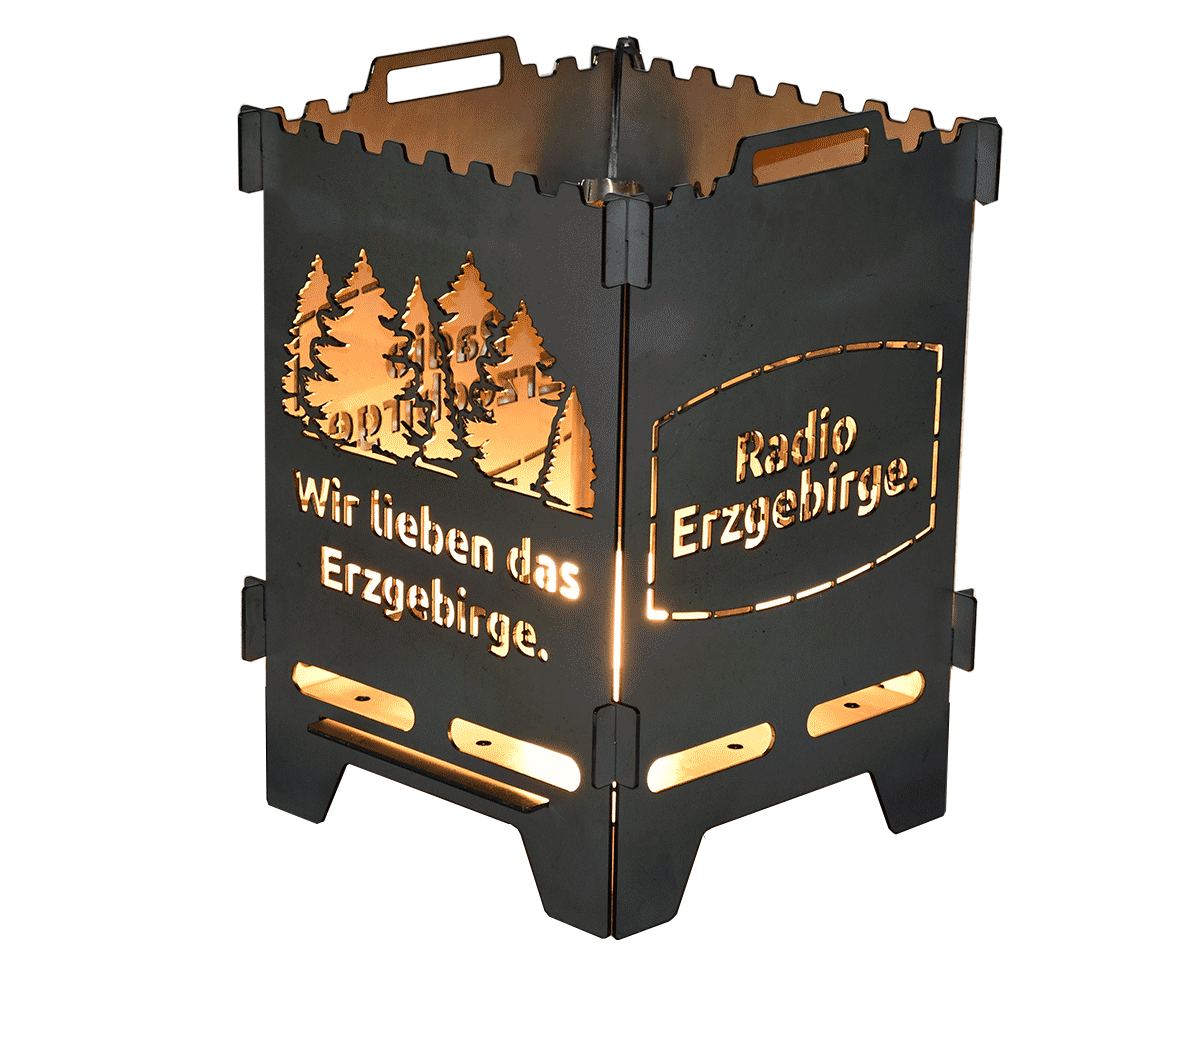 Feuerlaterne Erzgebirge Sonderedition